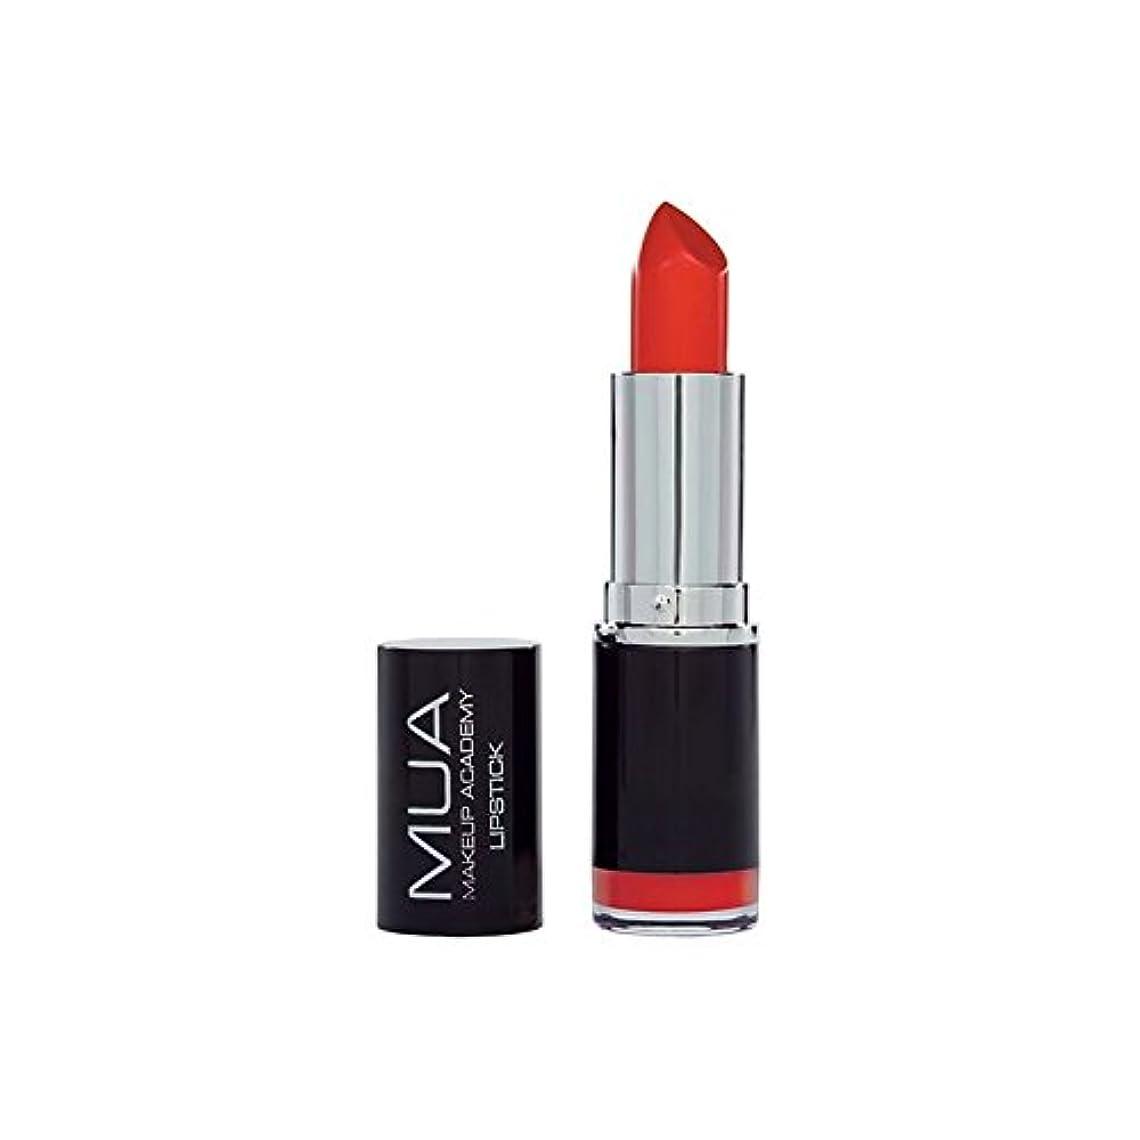 仕方看板疑いMUA Lipstick - Coral Flush (Pack of 6) - の口紅 - サンゴフラッシュ x6 [並行輸入品]